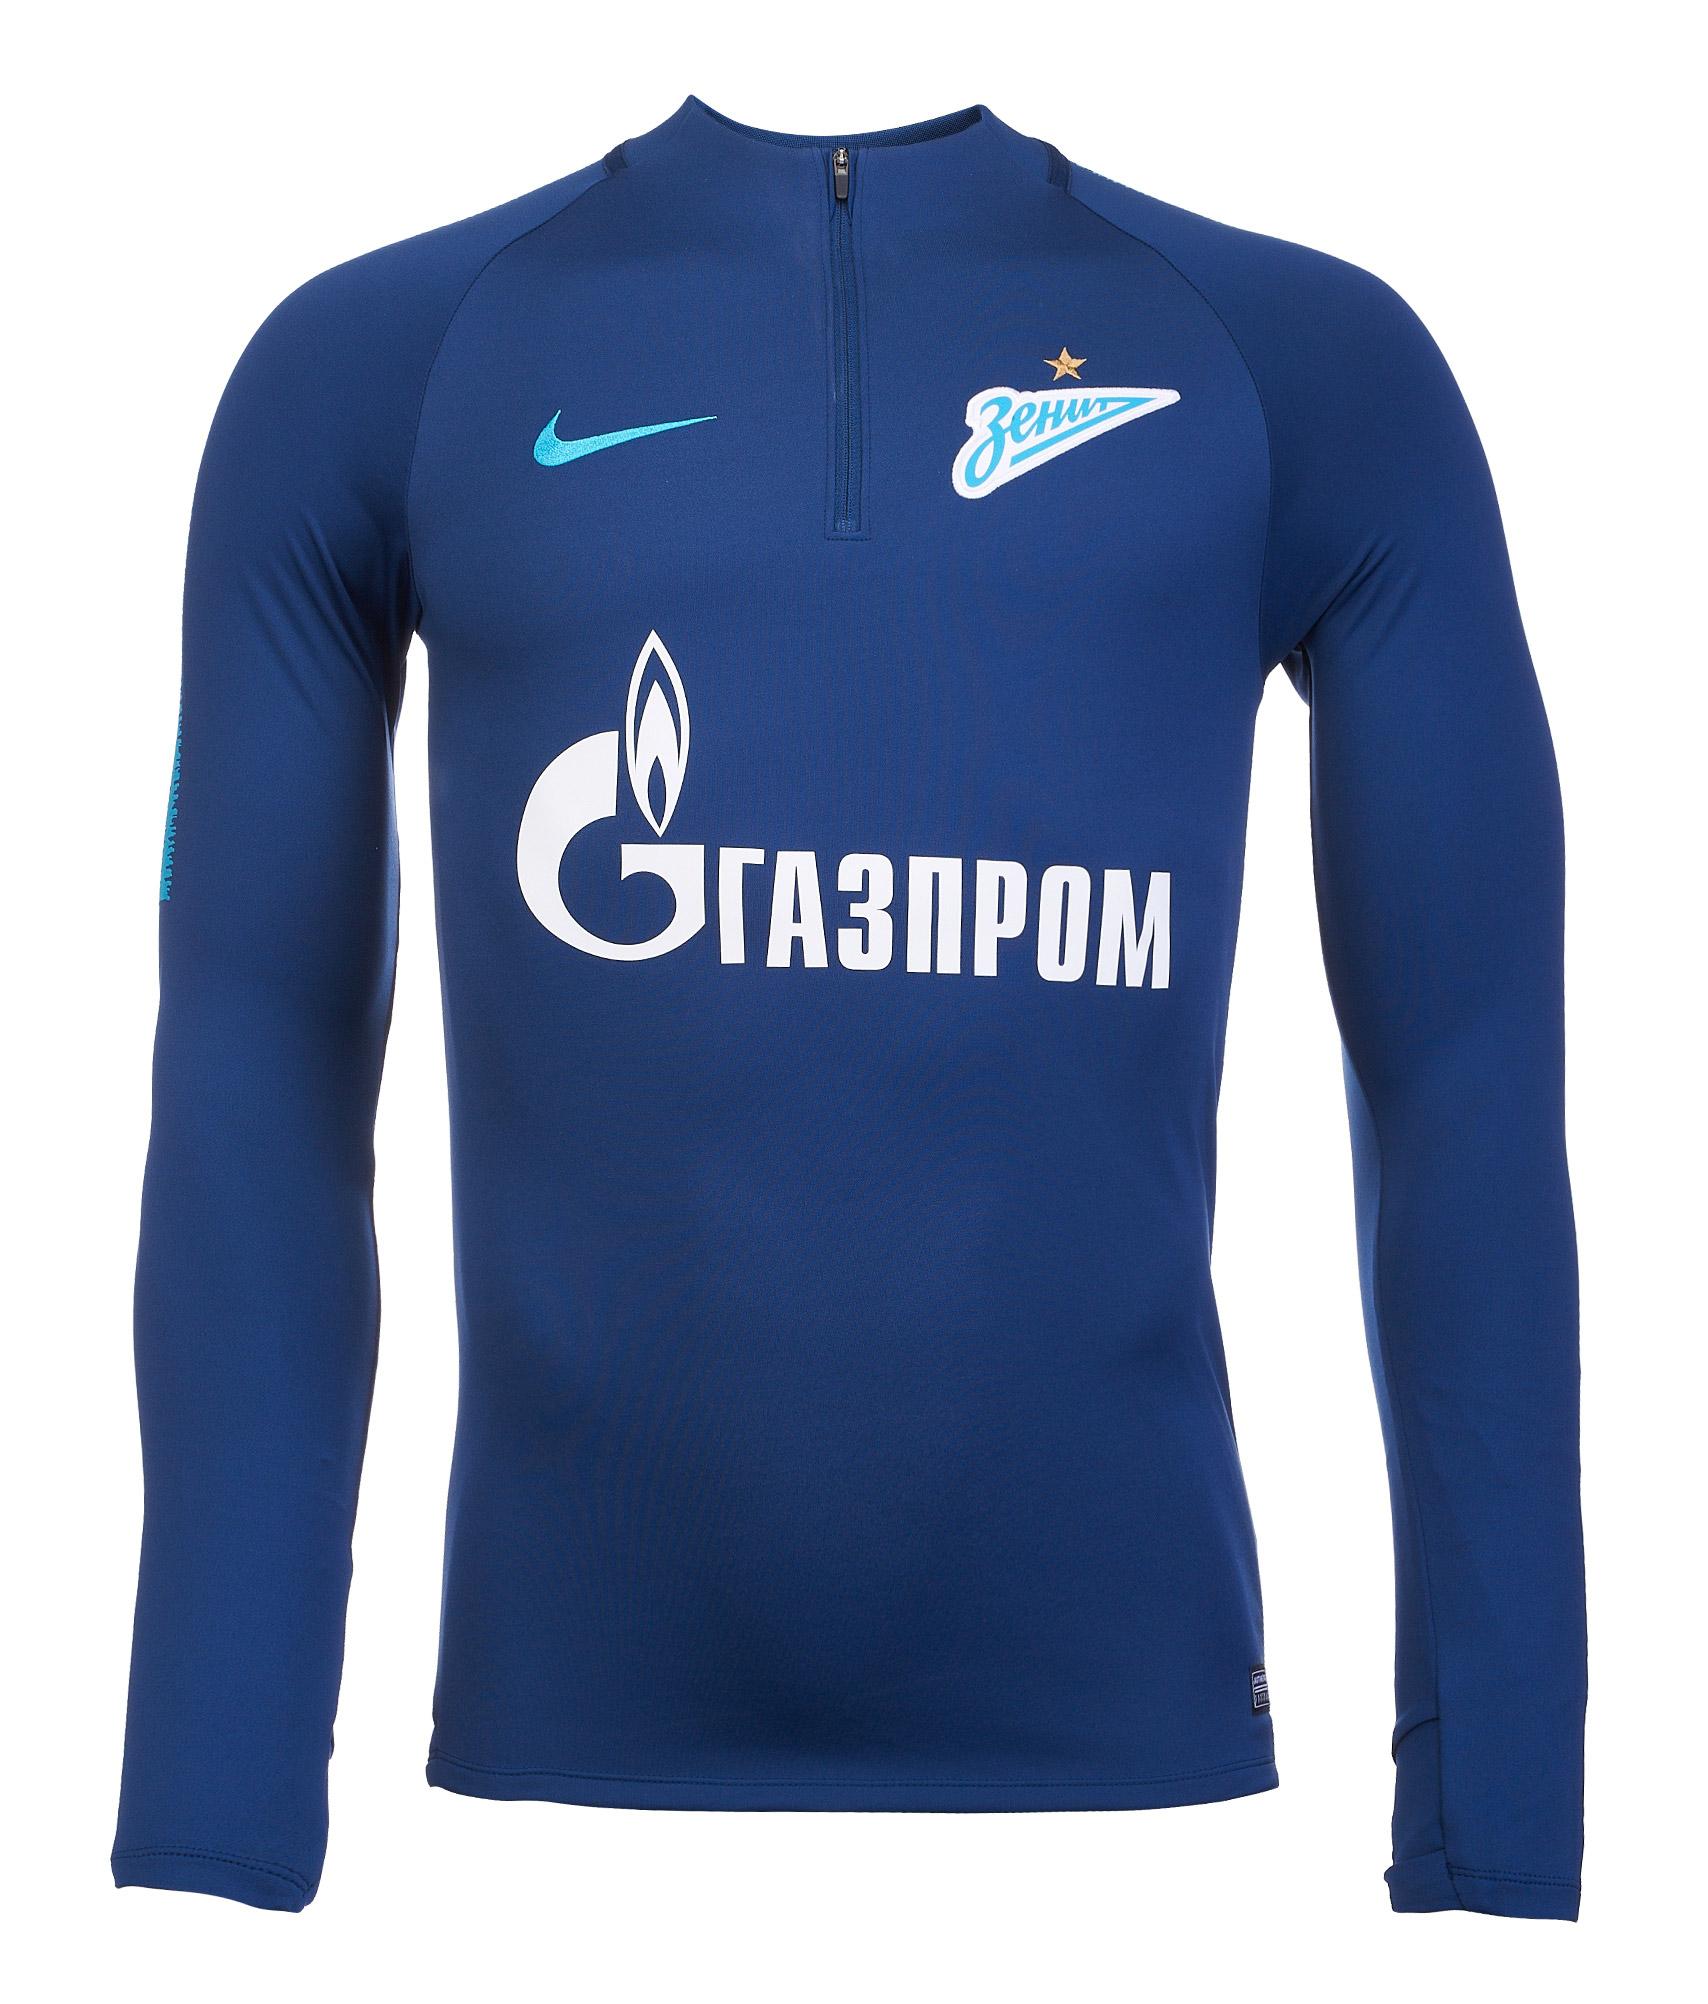 Свитер тренировочный Nike Zenit сезона 2018/19 Nike Цвет-Синий